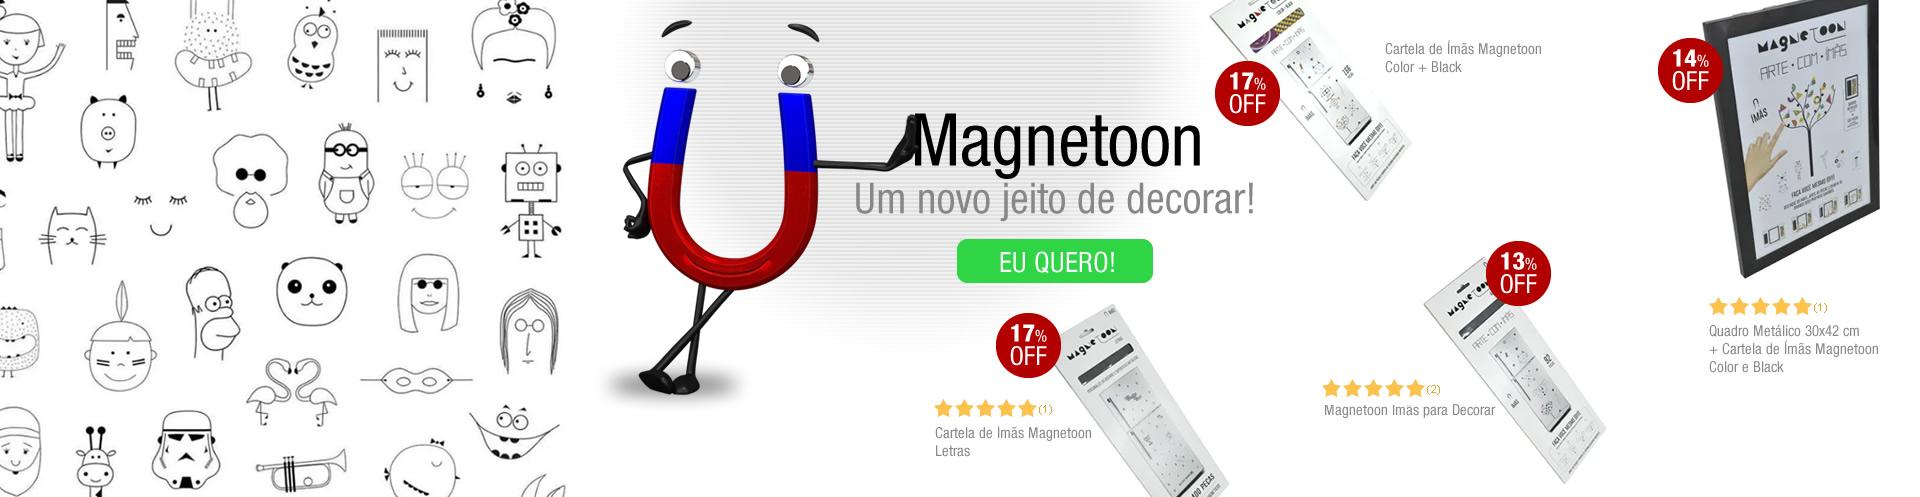 Magnetoon